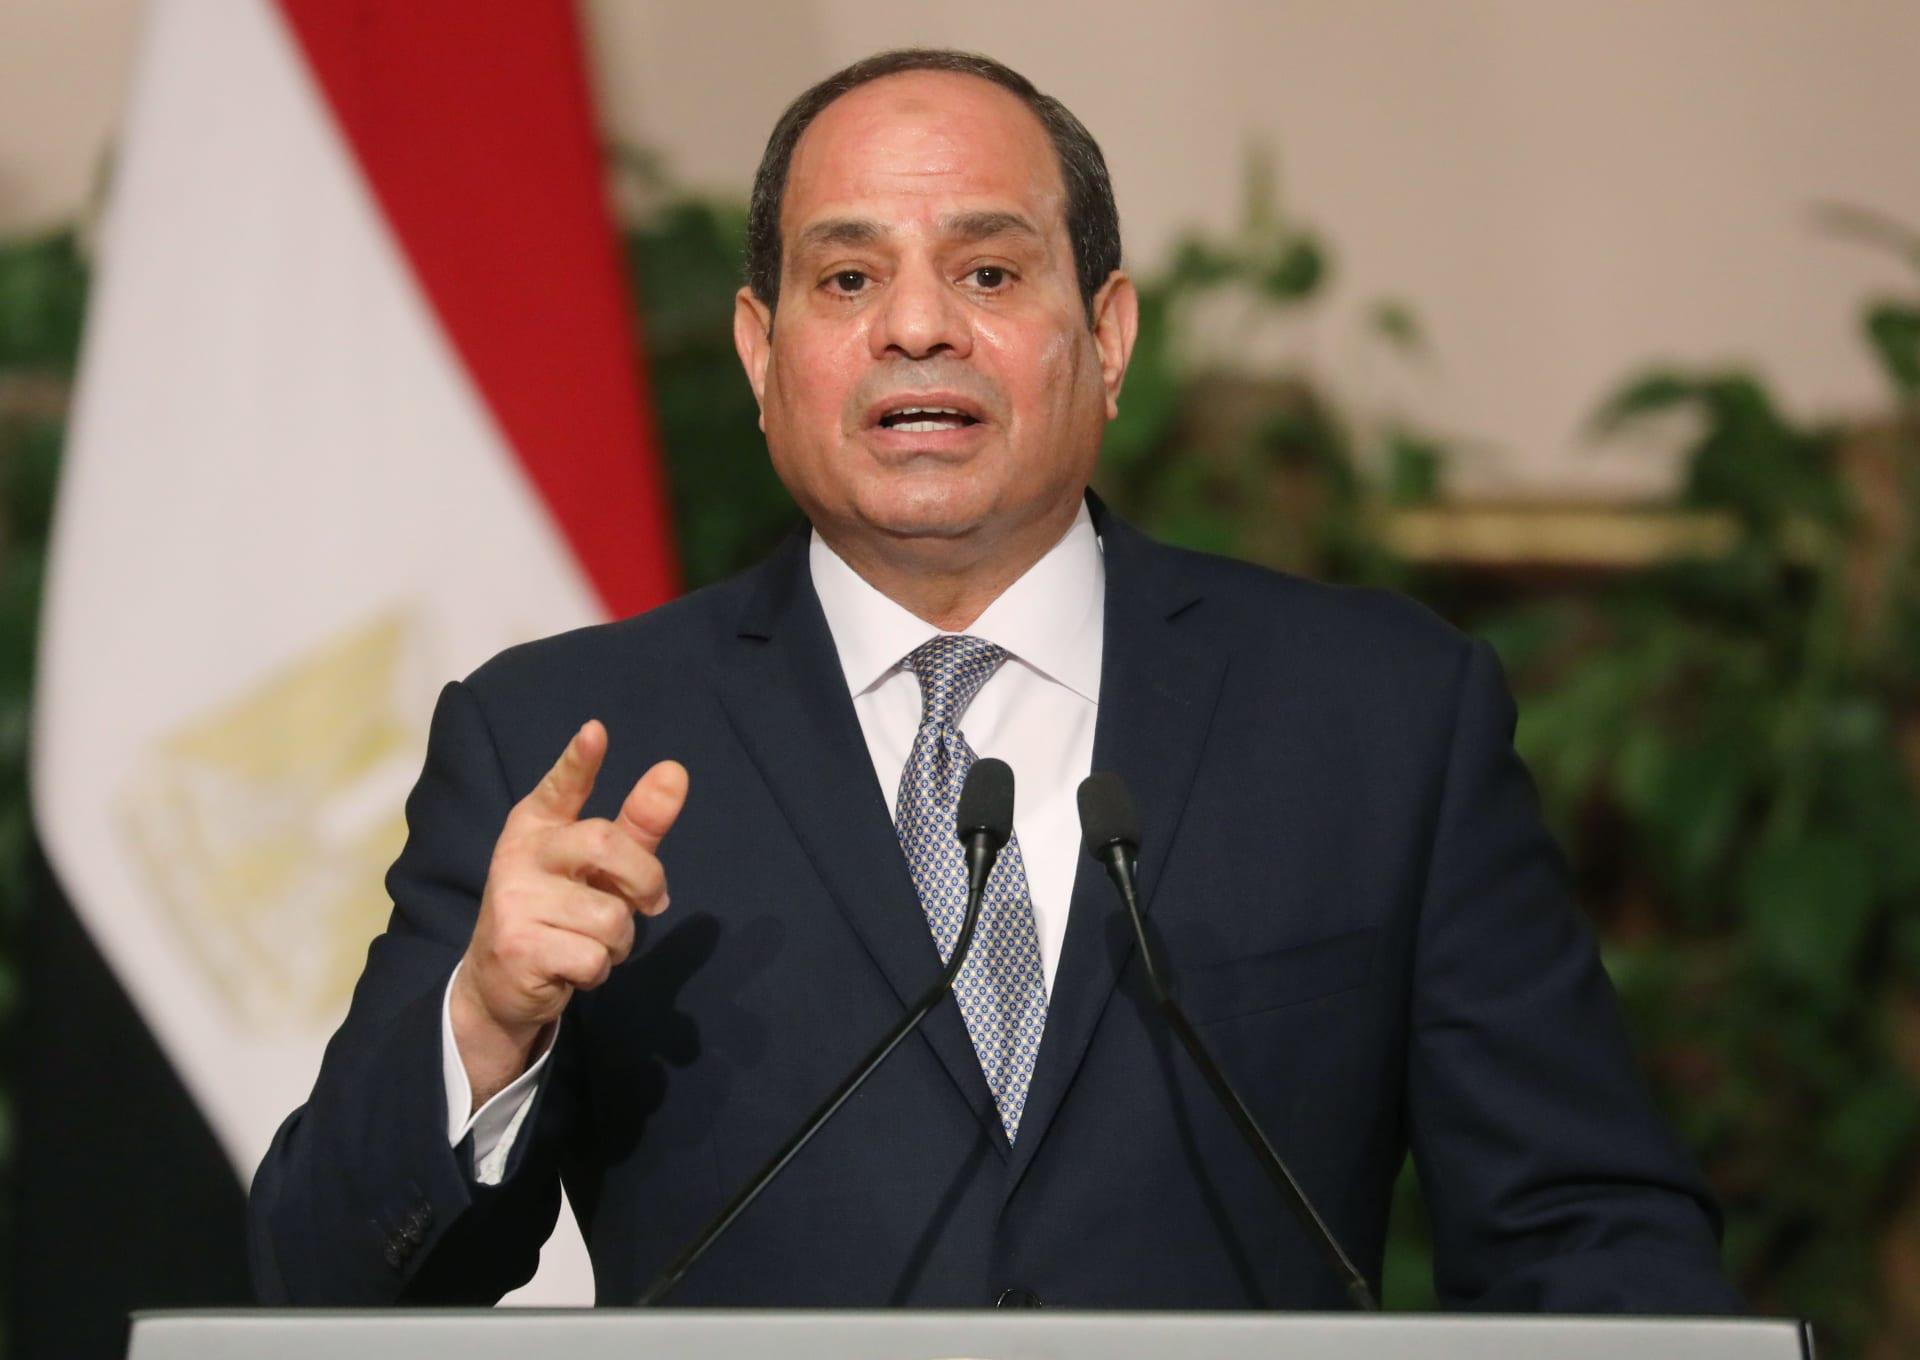 صورة أرشيفية للرئيس المصري عبدالفتاح السيسي